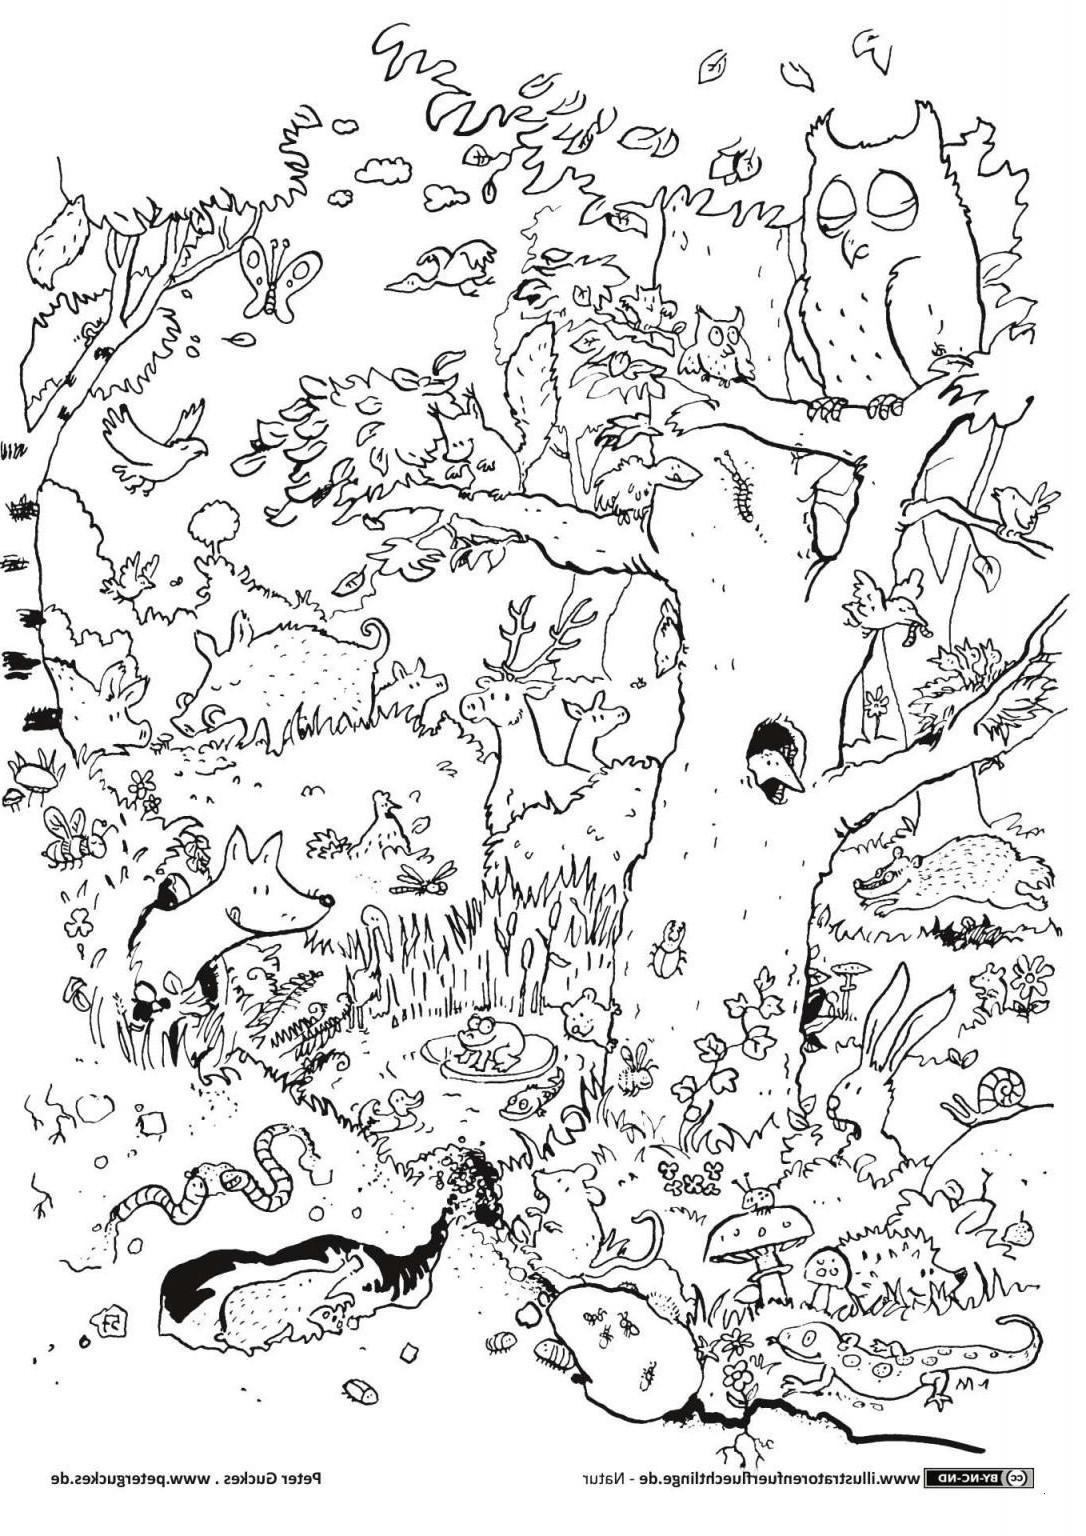 Ausmalbilder Fantasie Tiere Genial 26 Fantastisch Ninjago Pythor Ausmalbilder – Malvorlagen Ideen Das Bild